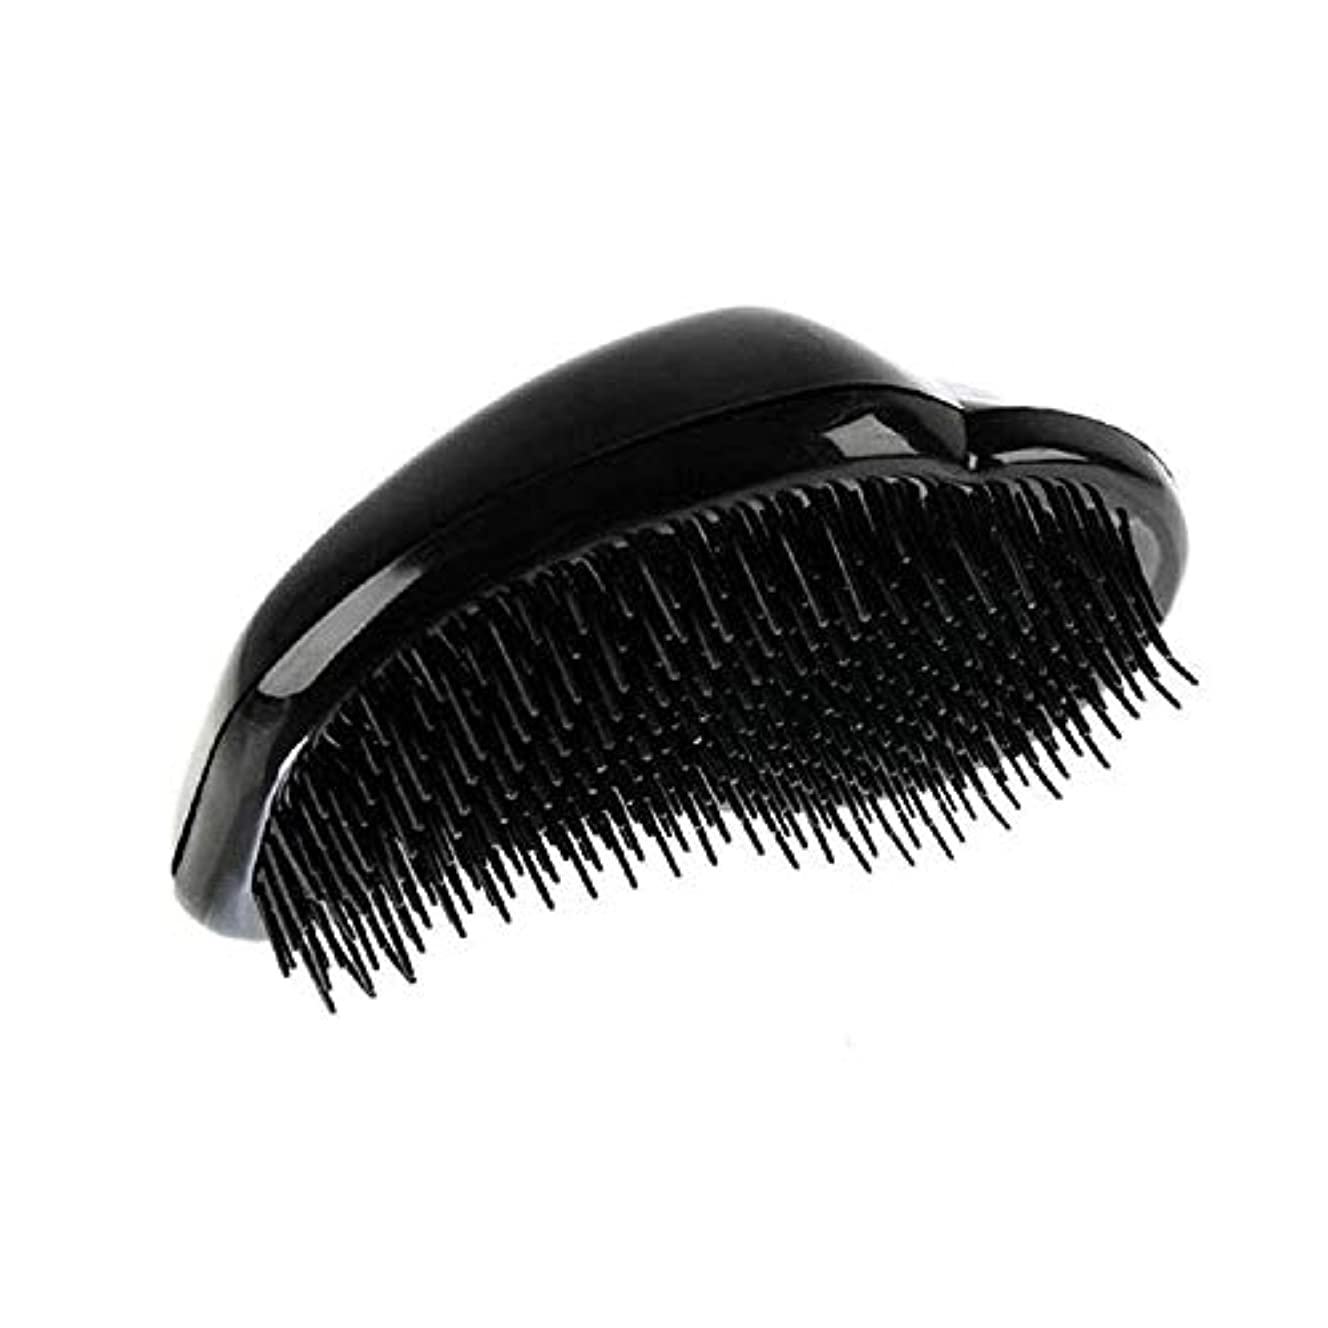 イーウェルバッチ金額1st market 黒のプラスチック製の髪の櫛理髪の櫛の女性のエアバッグの櫛のマッサージの櫛のヘアブラシ帯電防止デタングルの櫛パーフェクト軽量ポケットサイズ1ピース耐久性と便利